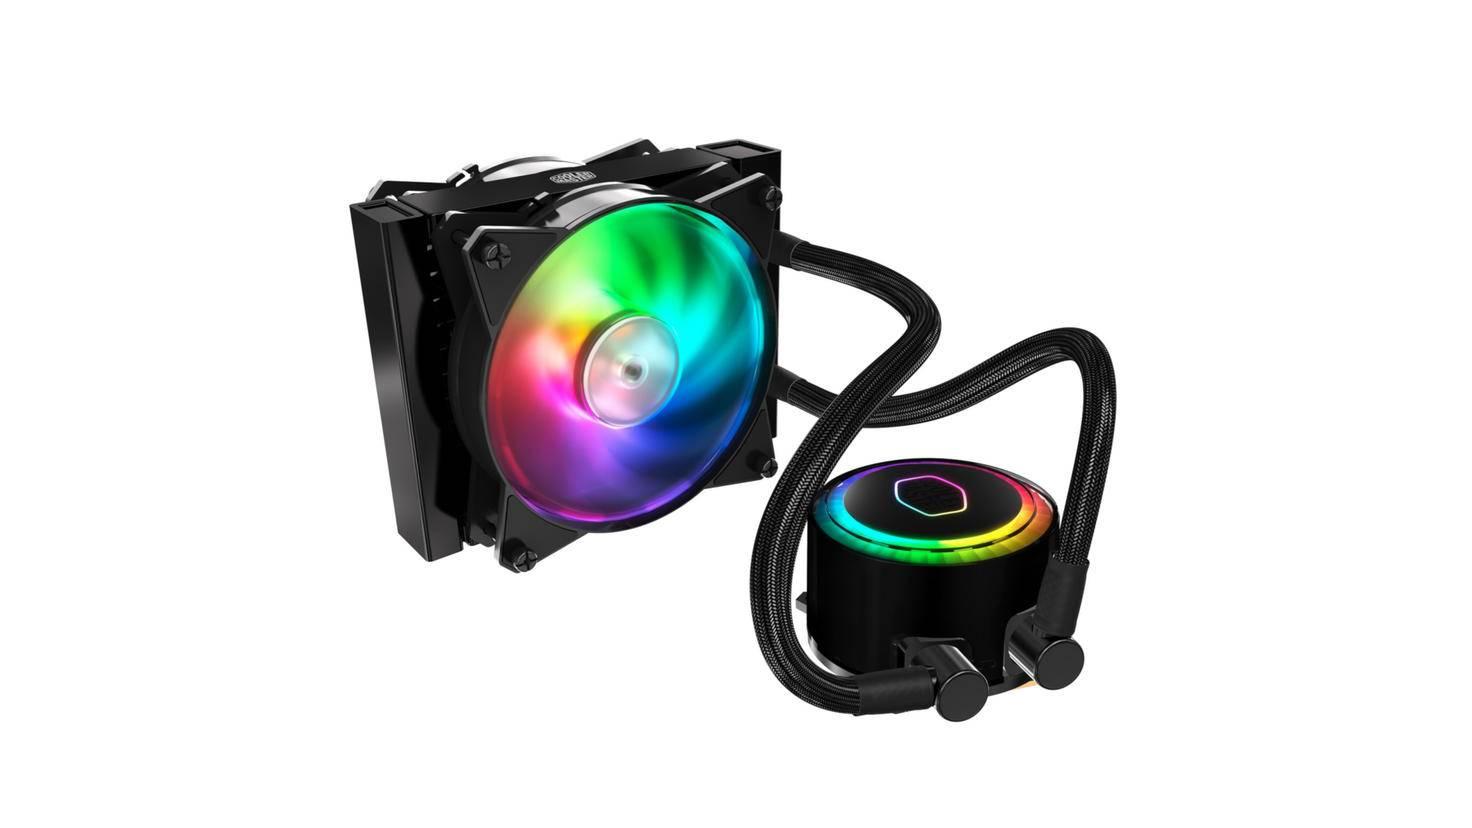 cooler-master-masterliquid-ml120r-cpu-kühler